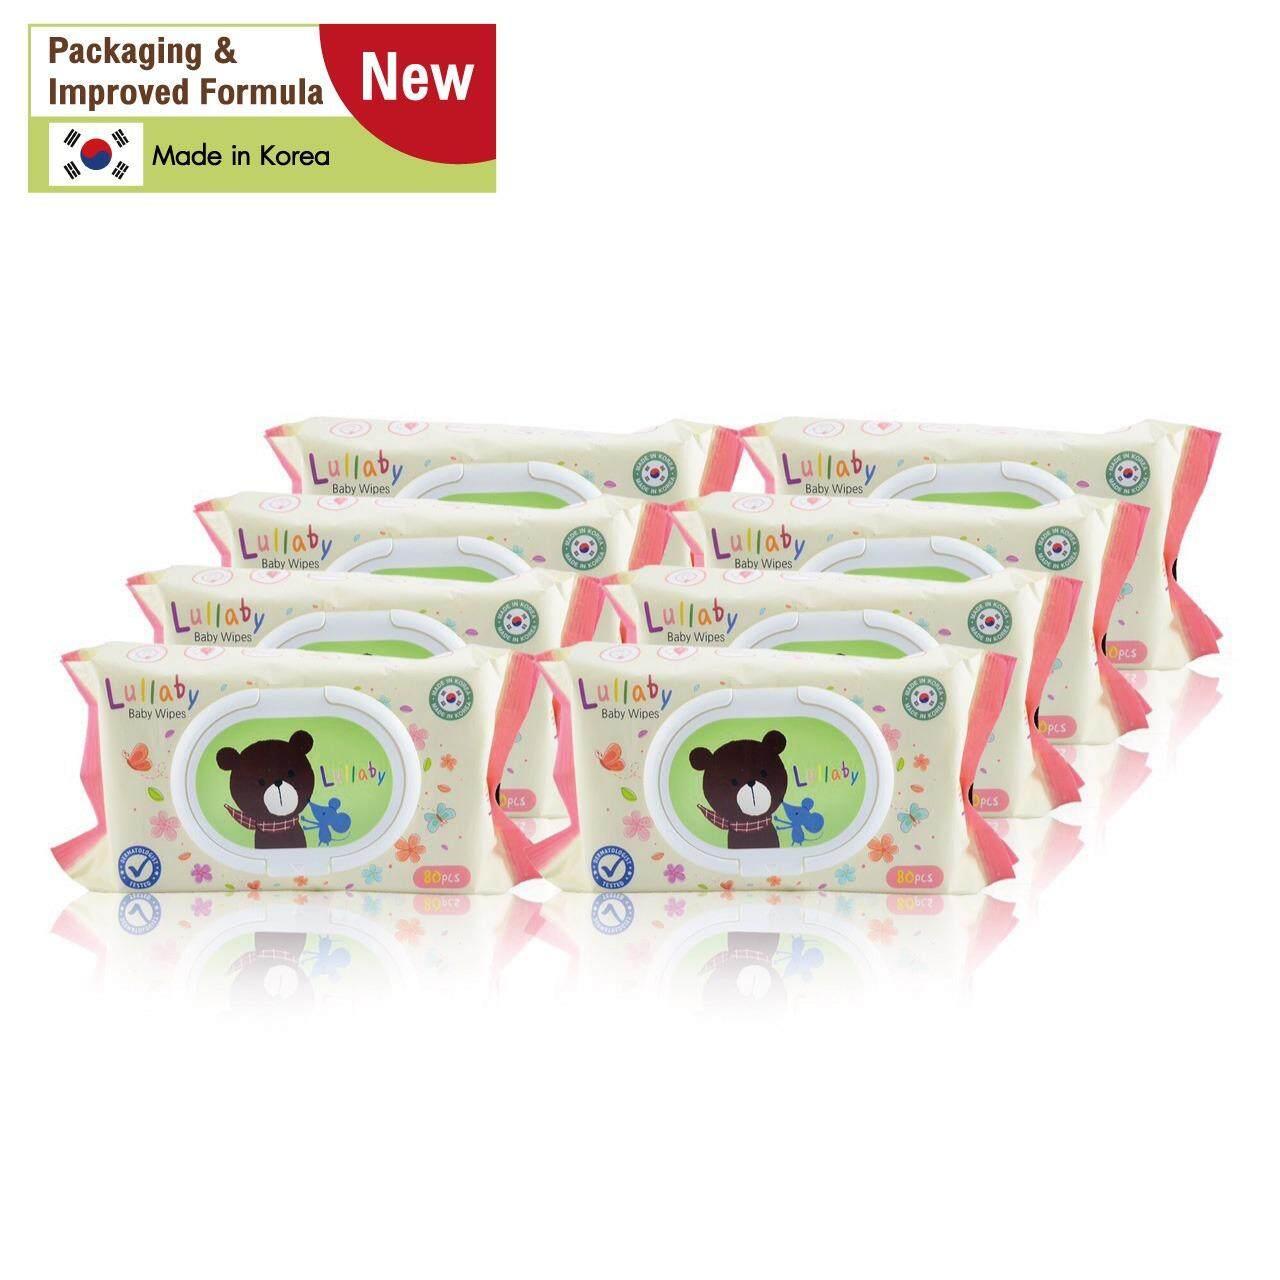 ขาย Lullaby Baby Wipes ทิชชู่เปียกลัลลาบาย แพคเกจจิ้ง ใหม่ จำนวน80แผ่น โปรโมชั่น ซื้อ 4 แพ็ค ฟรี 4แพ็ค ราคา 565 บาท ออนไลน์ ไทย